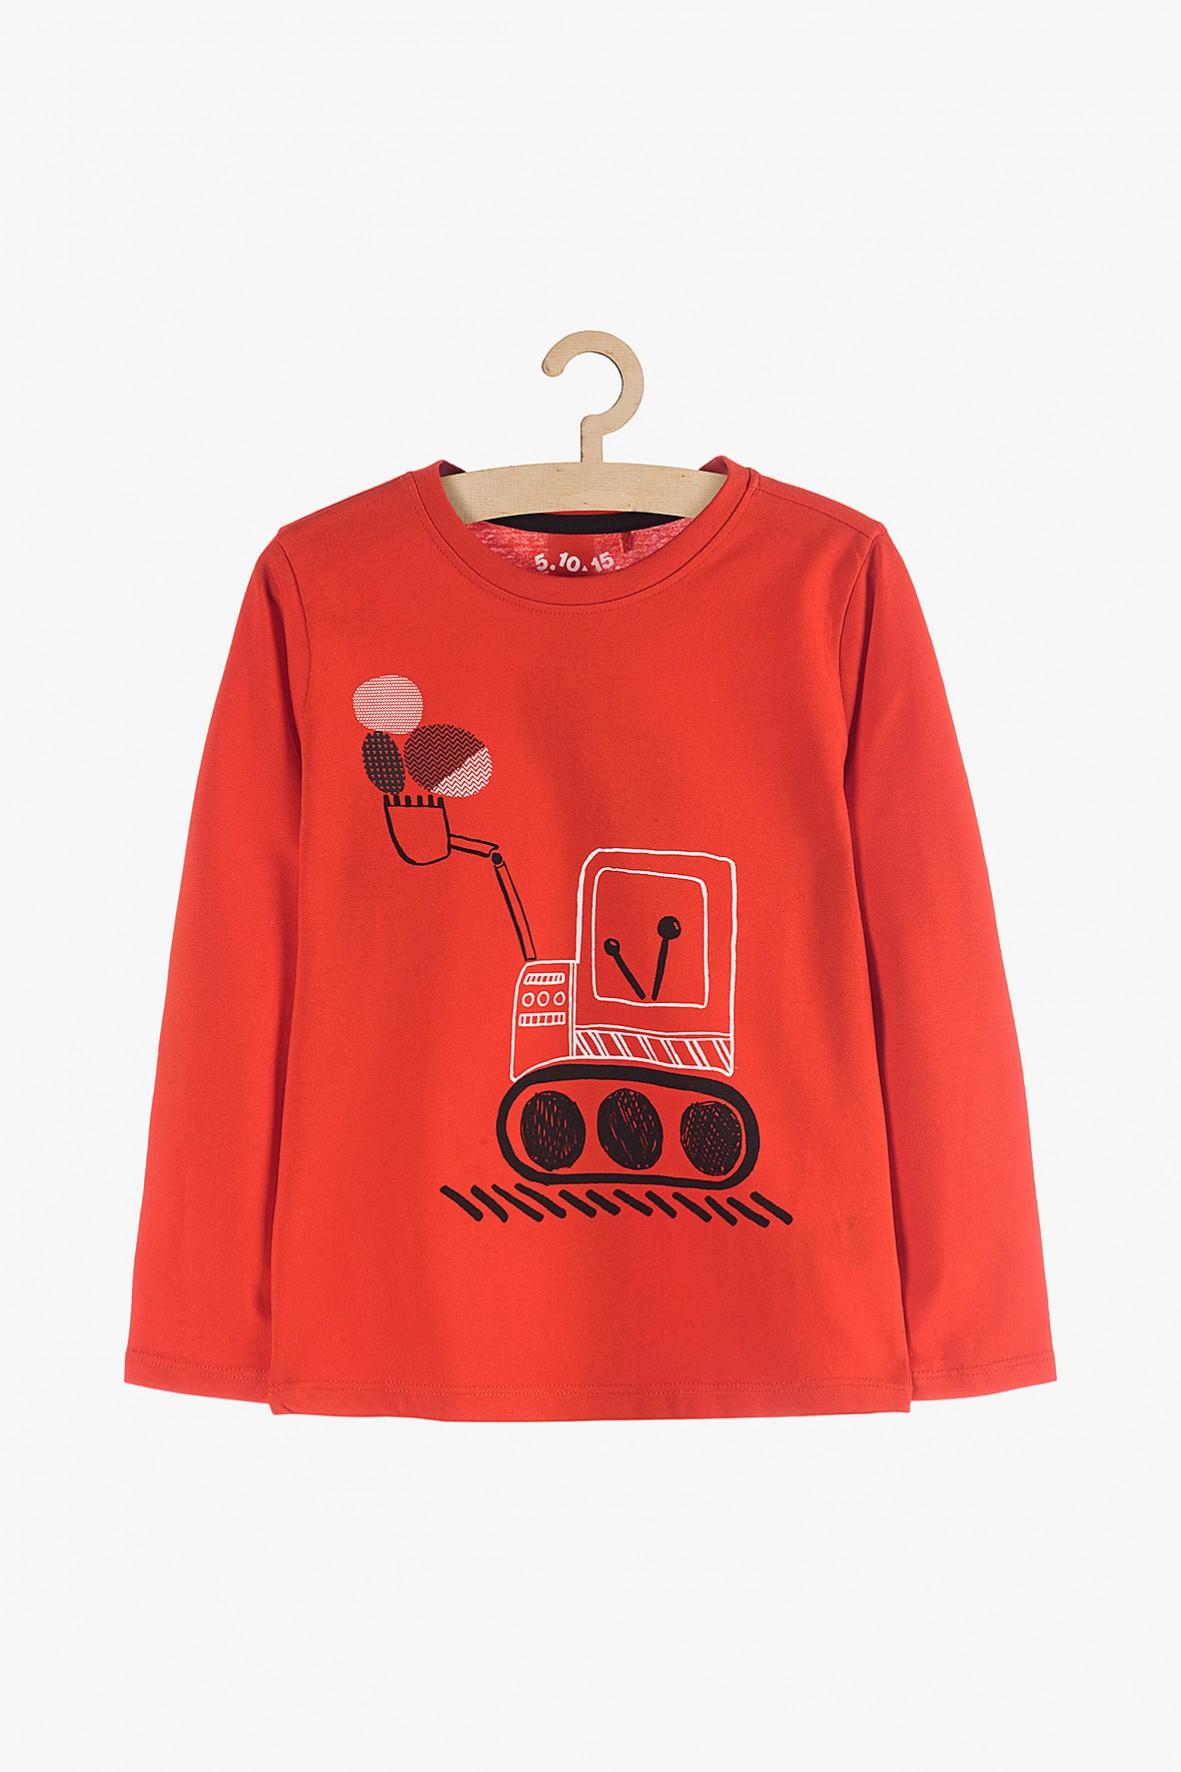 Bluzka chłopięca pomarańczowa z koparką- 100% bawełna